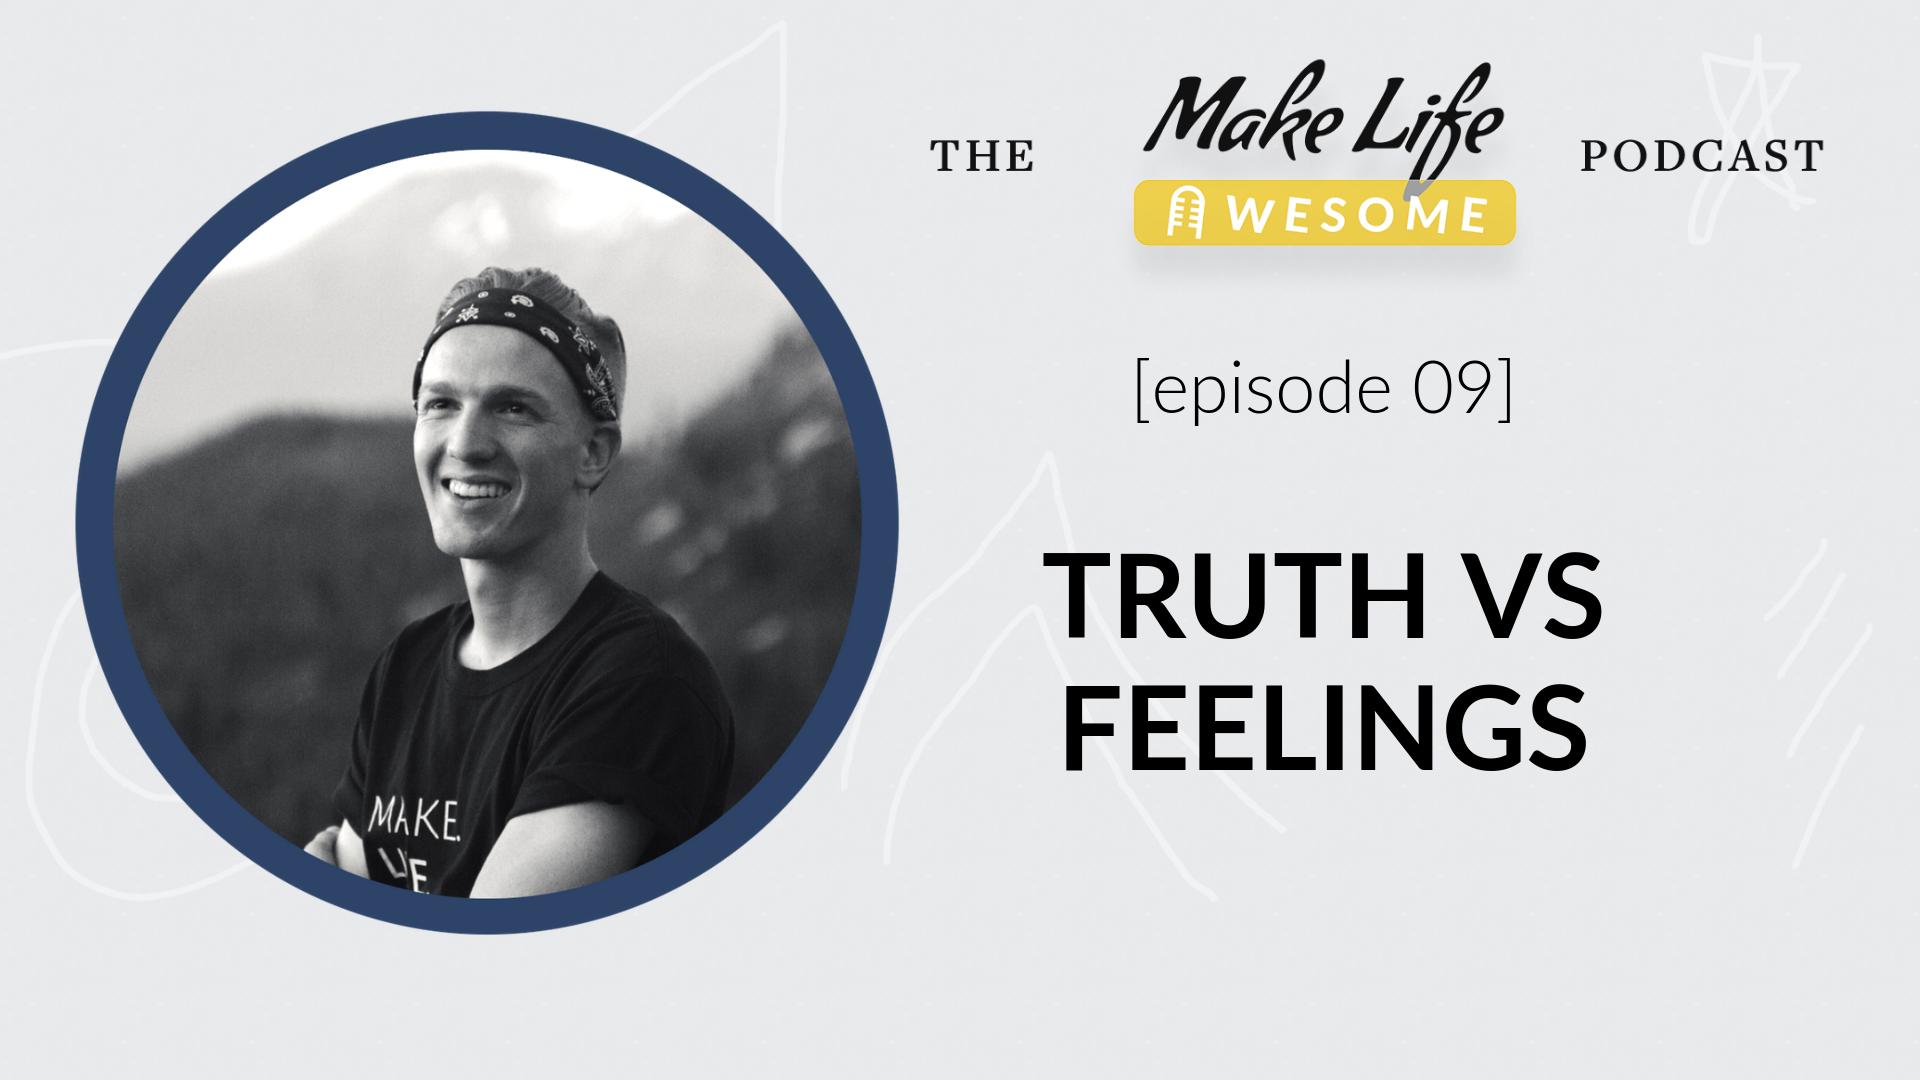 Truth vs Feelings - life integrity sacrifice self-gratification feel good?